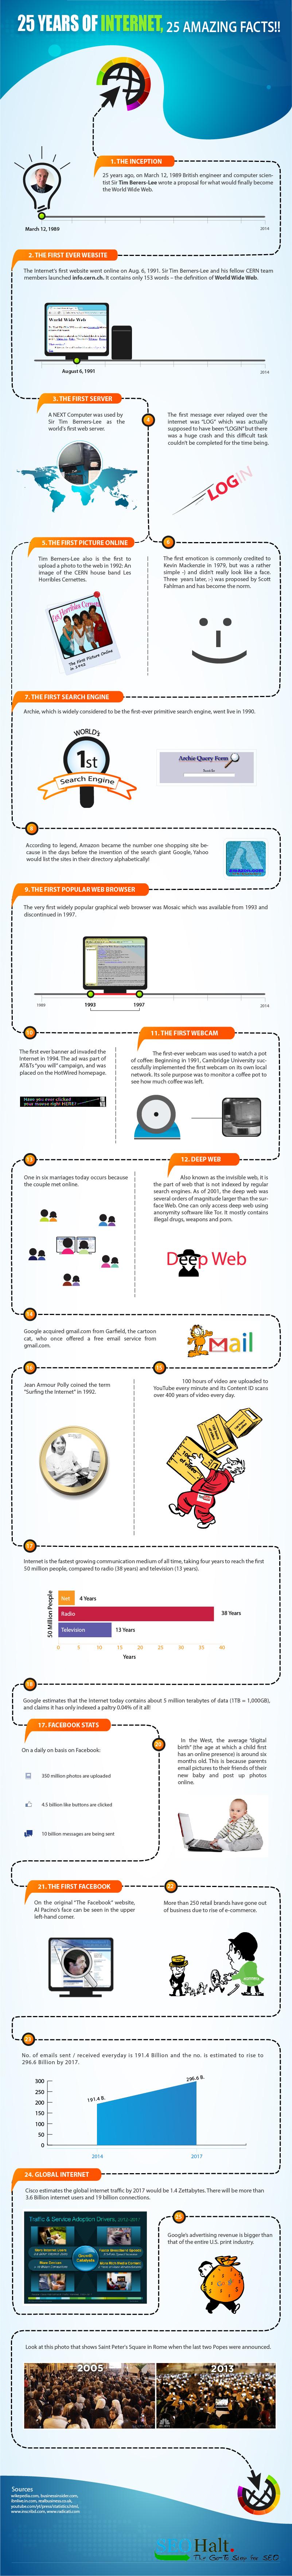 25-ani-internet-web-gmail